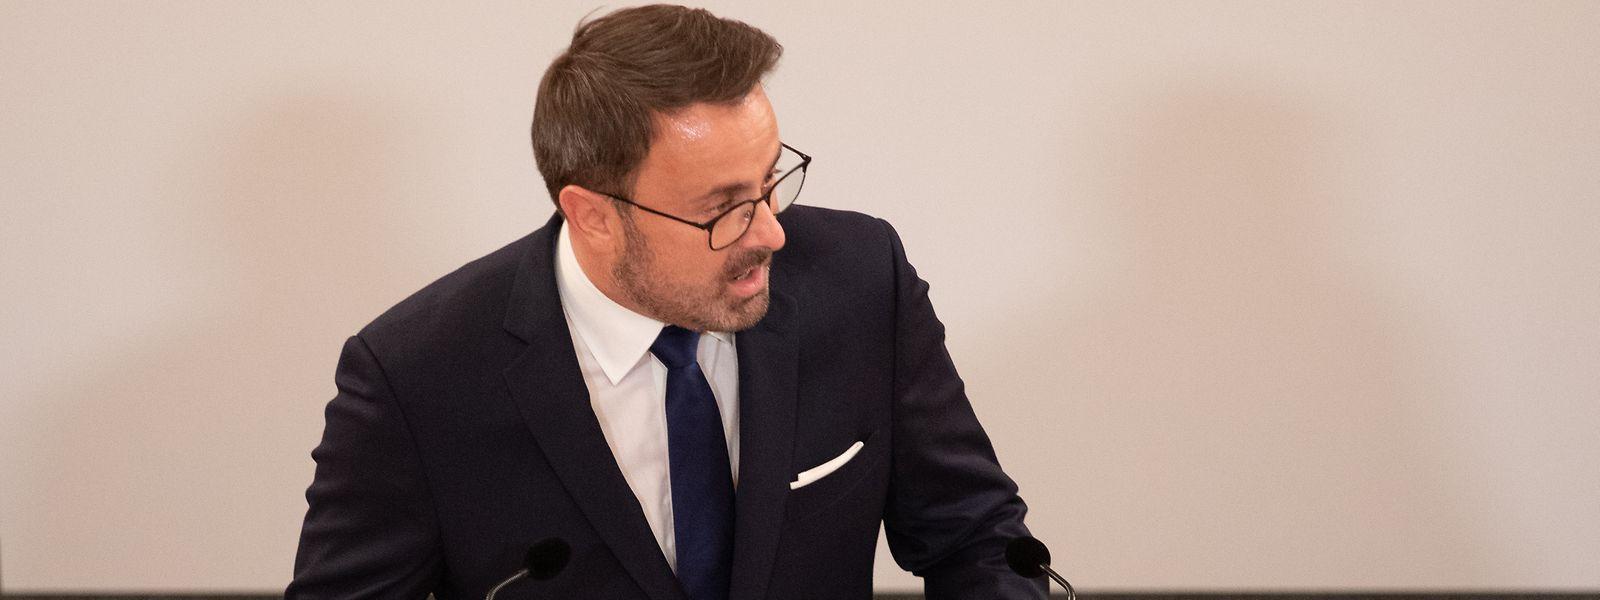 Le Premier ministre Xavier Bettel n'a pas évoqué que la crise du covid-19 dans son discours sur l'état de la Nation ce mardi